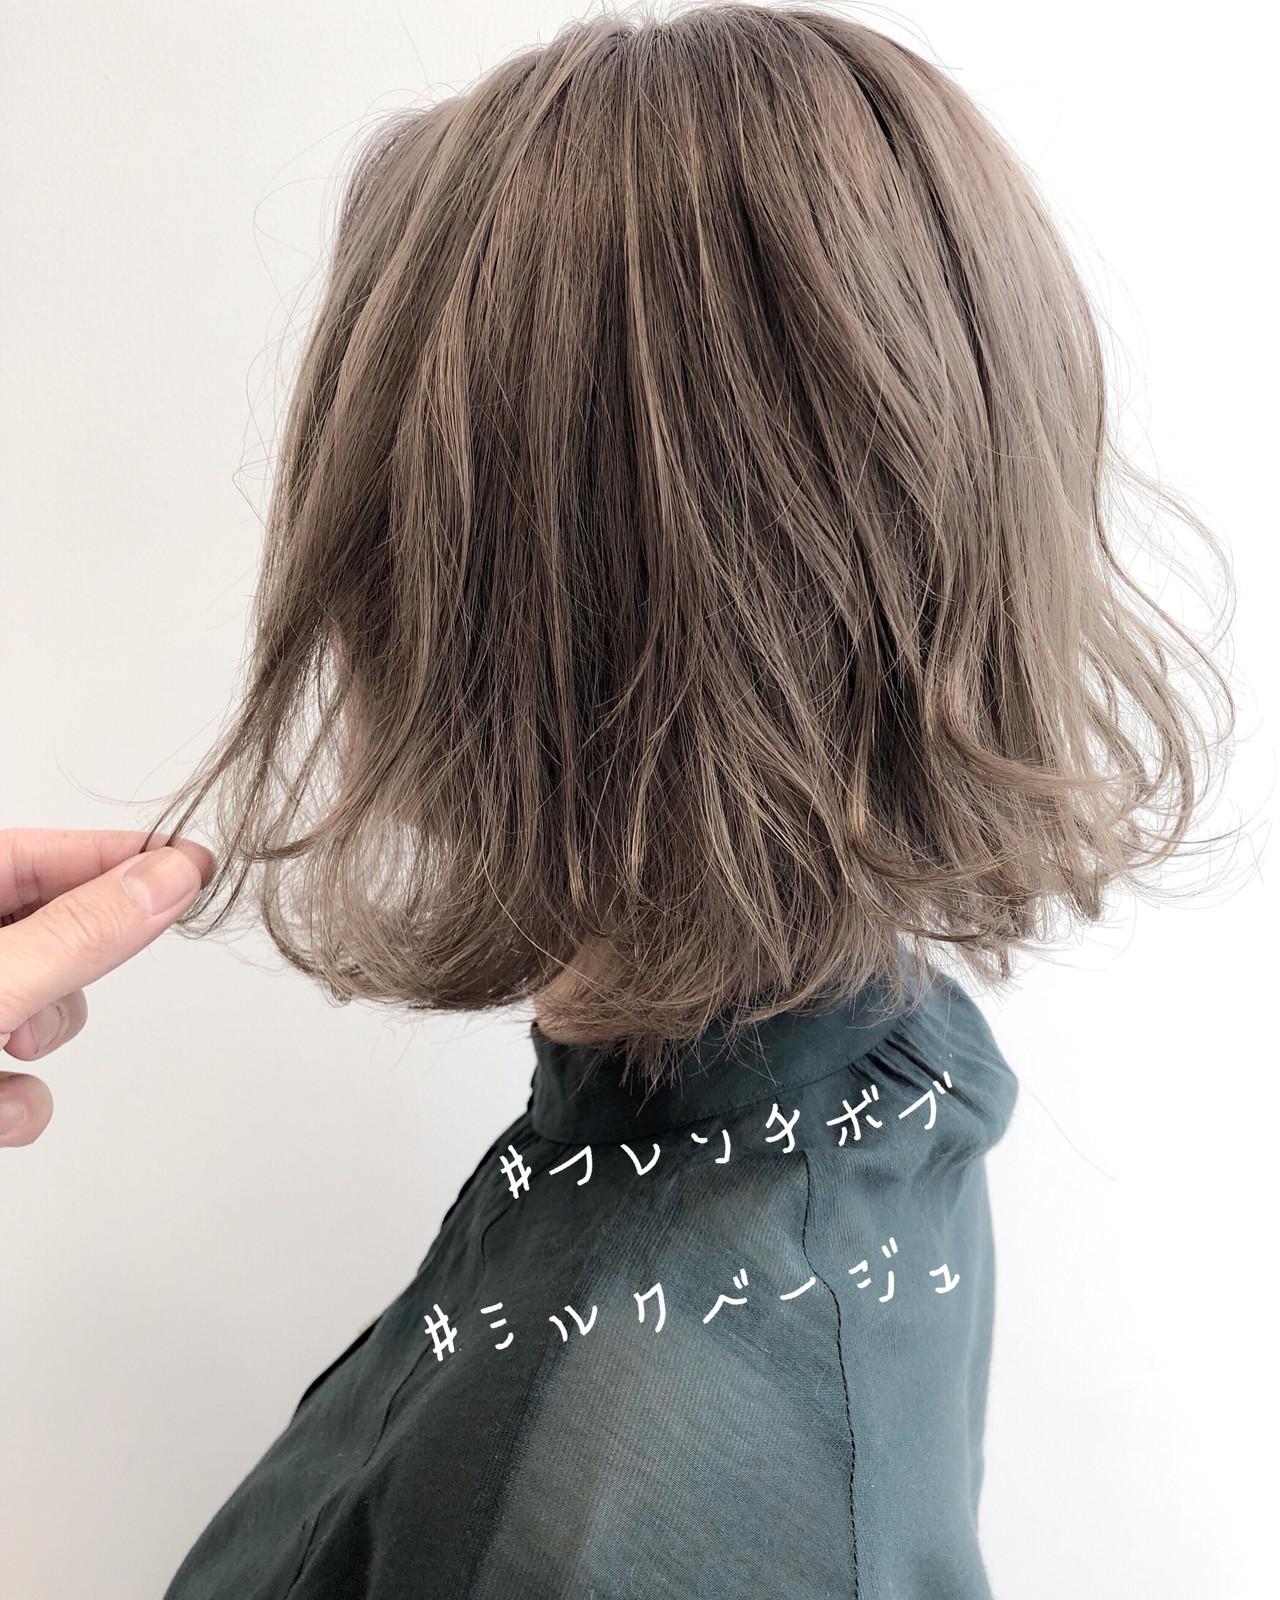 ミニボブ ボブ 切りっぱなしボブ インナーカラー ヘアスタイルや髪型の写真・画像 | 北村 亮 / Lano by HAIR